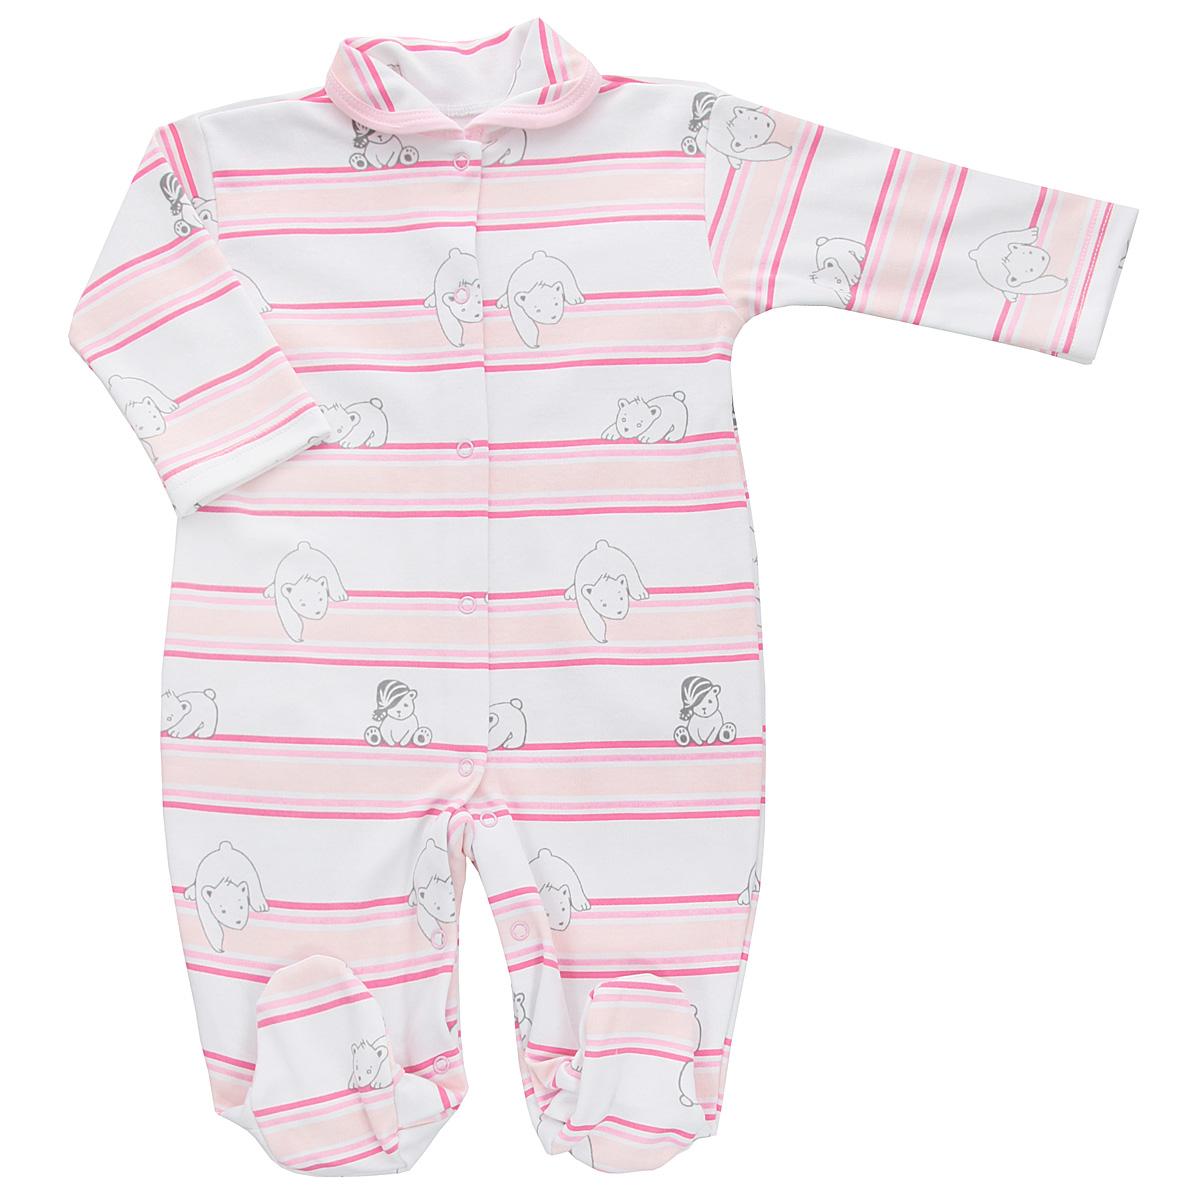 Комбинезон детский Трон-плюс, цвет: белый, розовый. 5815_мишка, полоска. Размер 80, 12 месяцев комбинезон детский трон плюс цвет белый голубой 5815 горох размер 80 12 месяцев